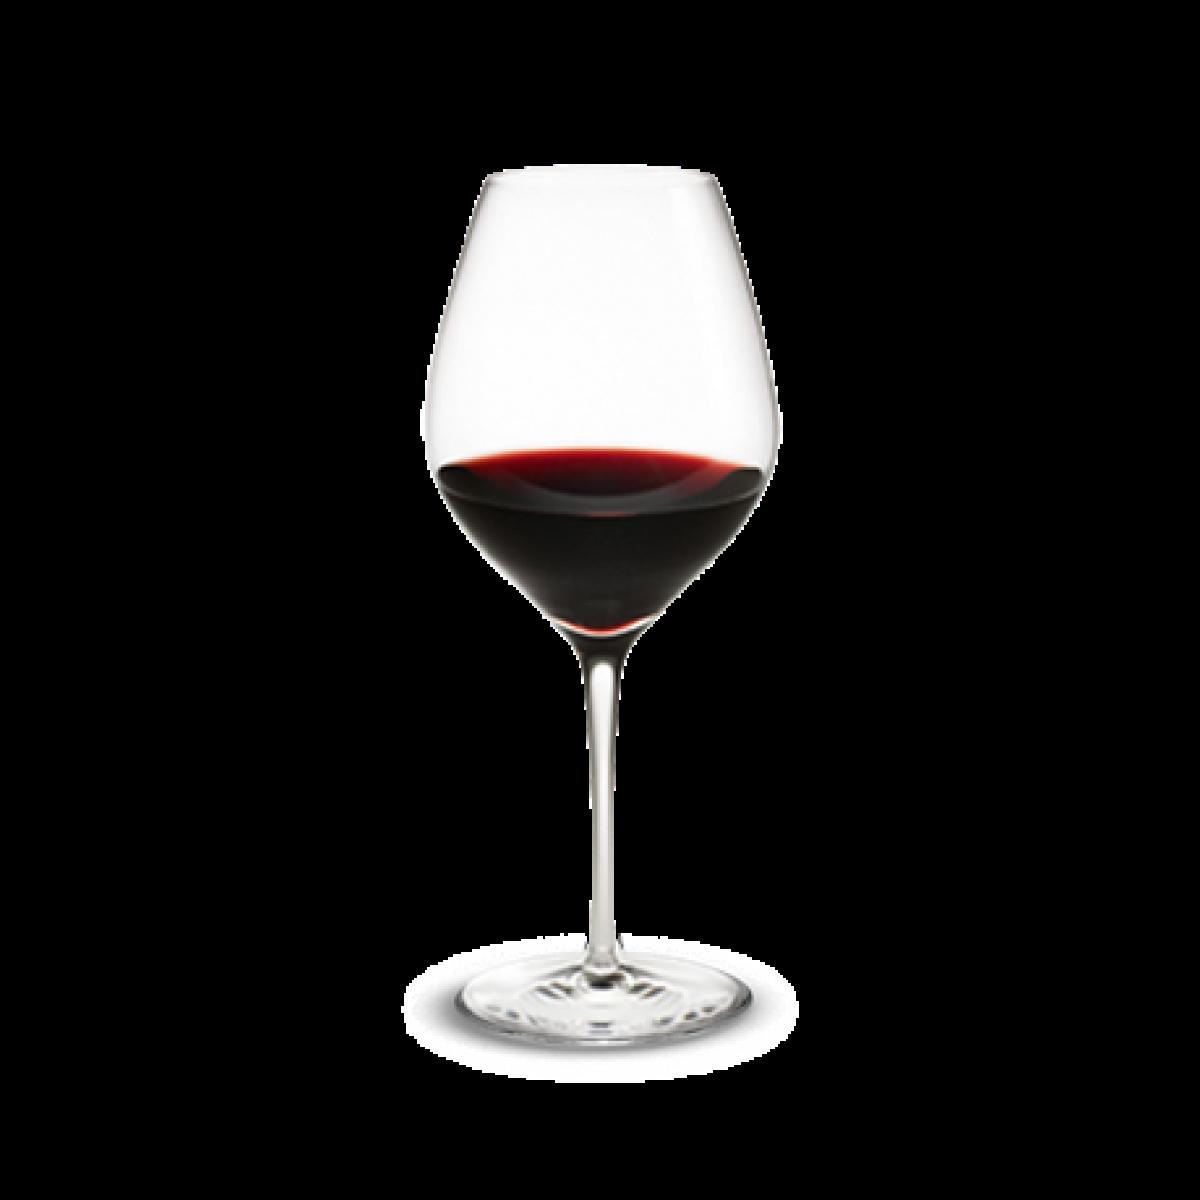 HOLMEGAARD Cabernet rødvinsglas 69 cl. 6 stk.